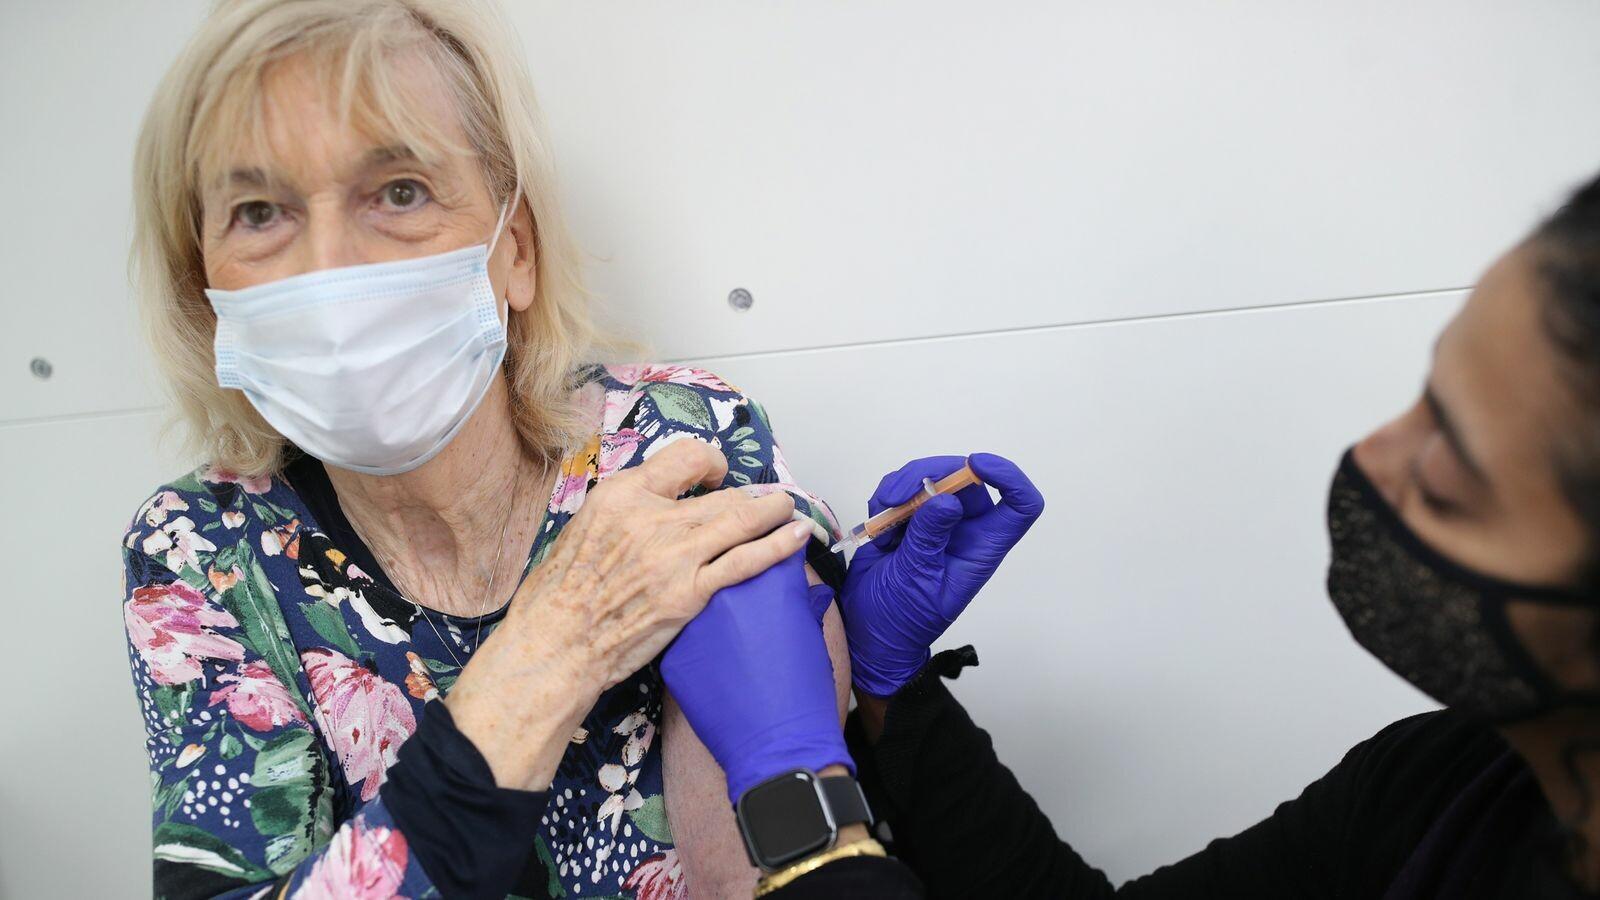 لقاح فيروس كوفيد-19 في المملكة المتحدة: أحدث الأرقام والتطورات في ظل انتقادات عالمية